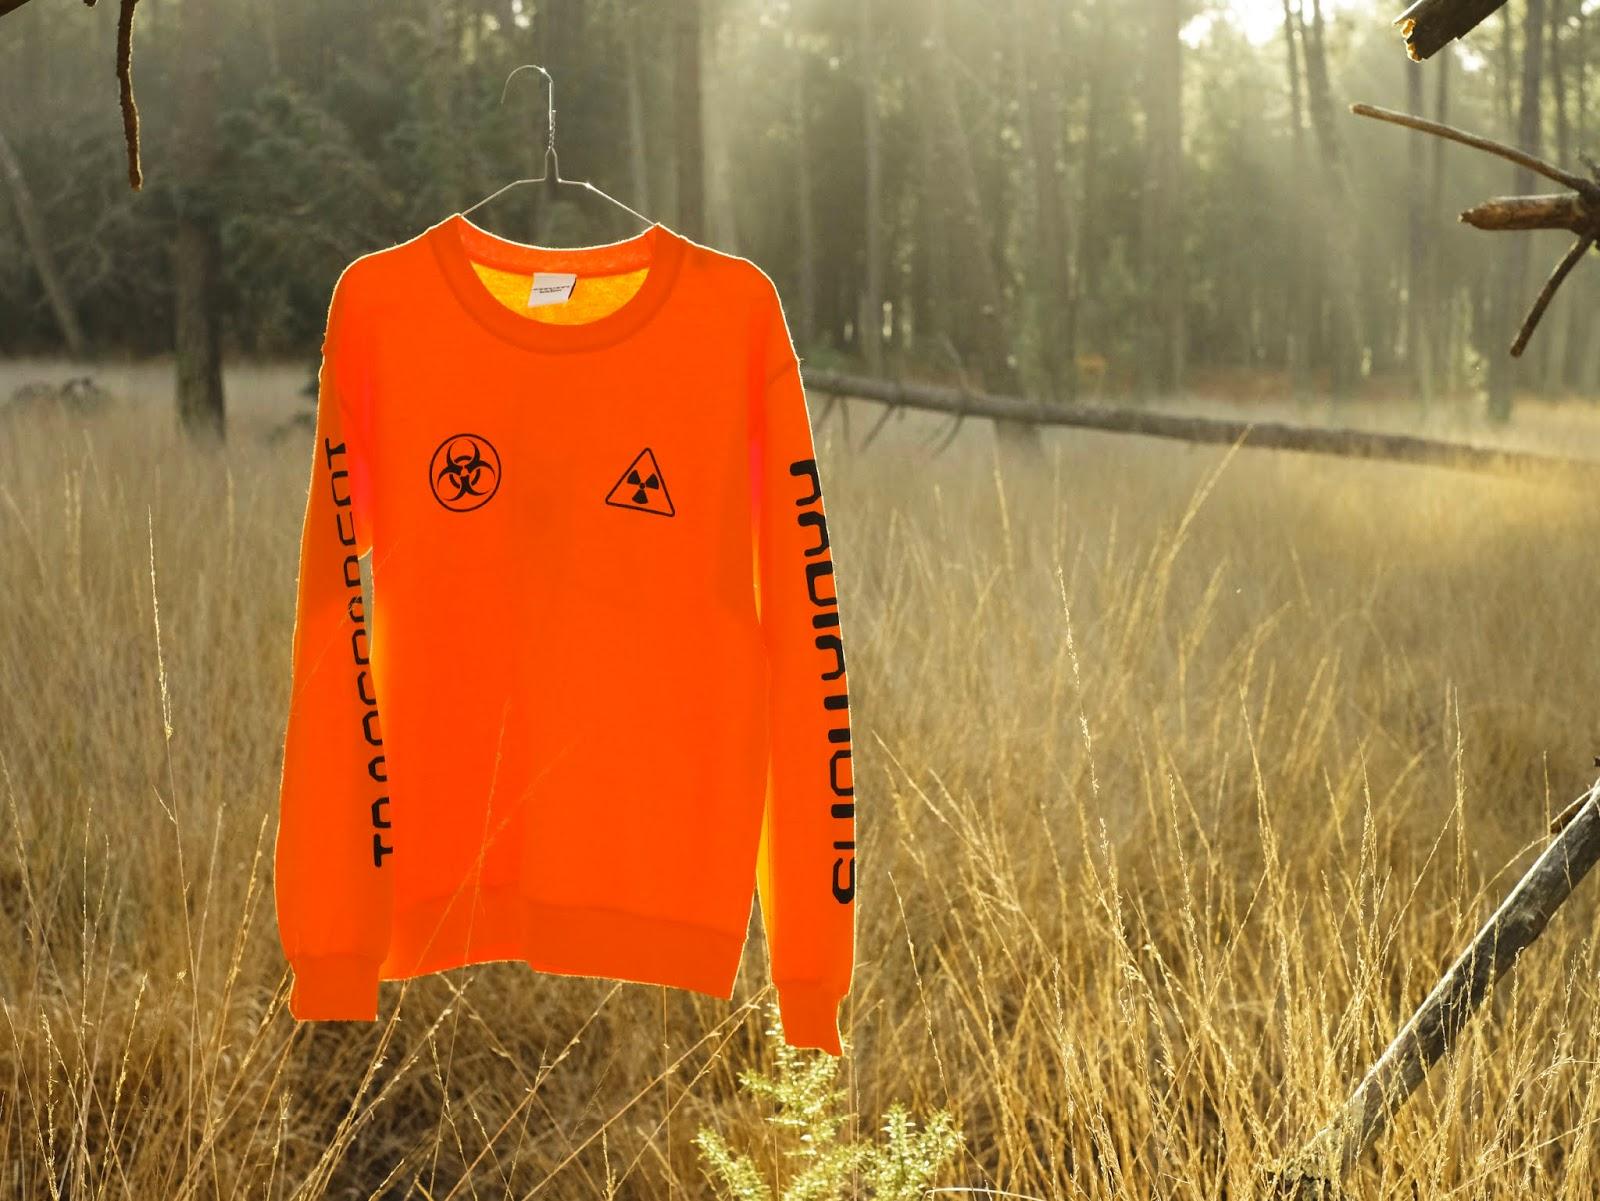 surfinestate brand apparel clothing surf shape design transparentradiation spacemen3 Vincent Lemanceau Arthur Nelli